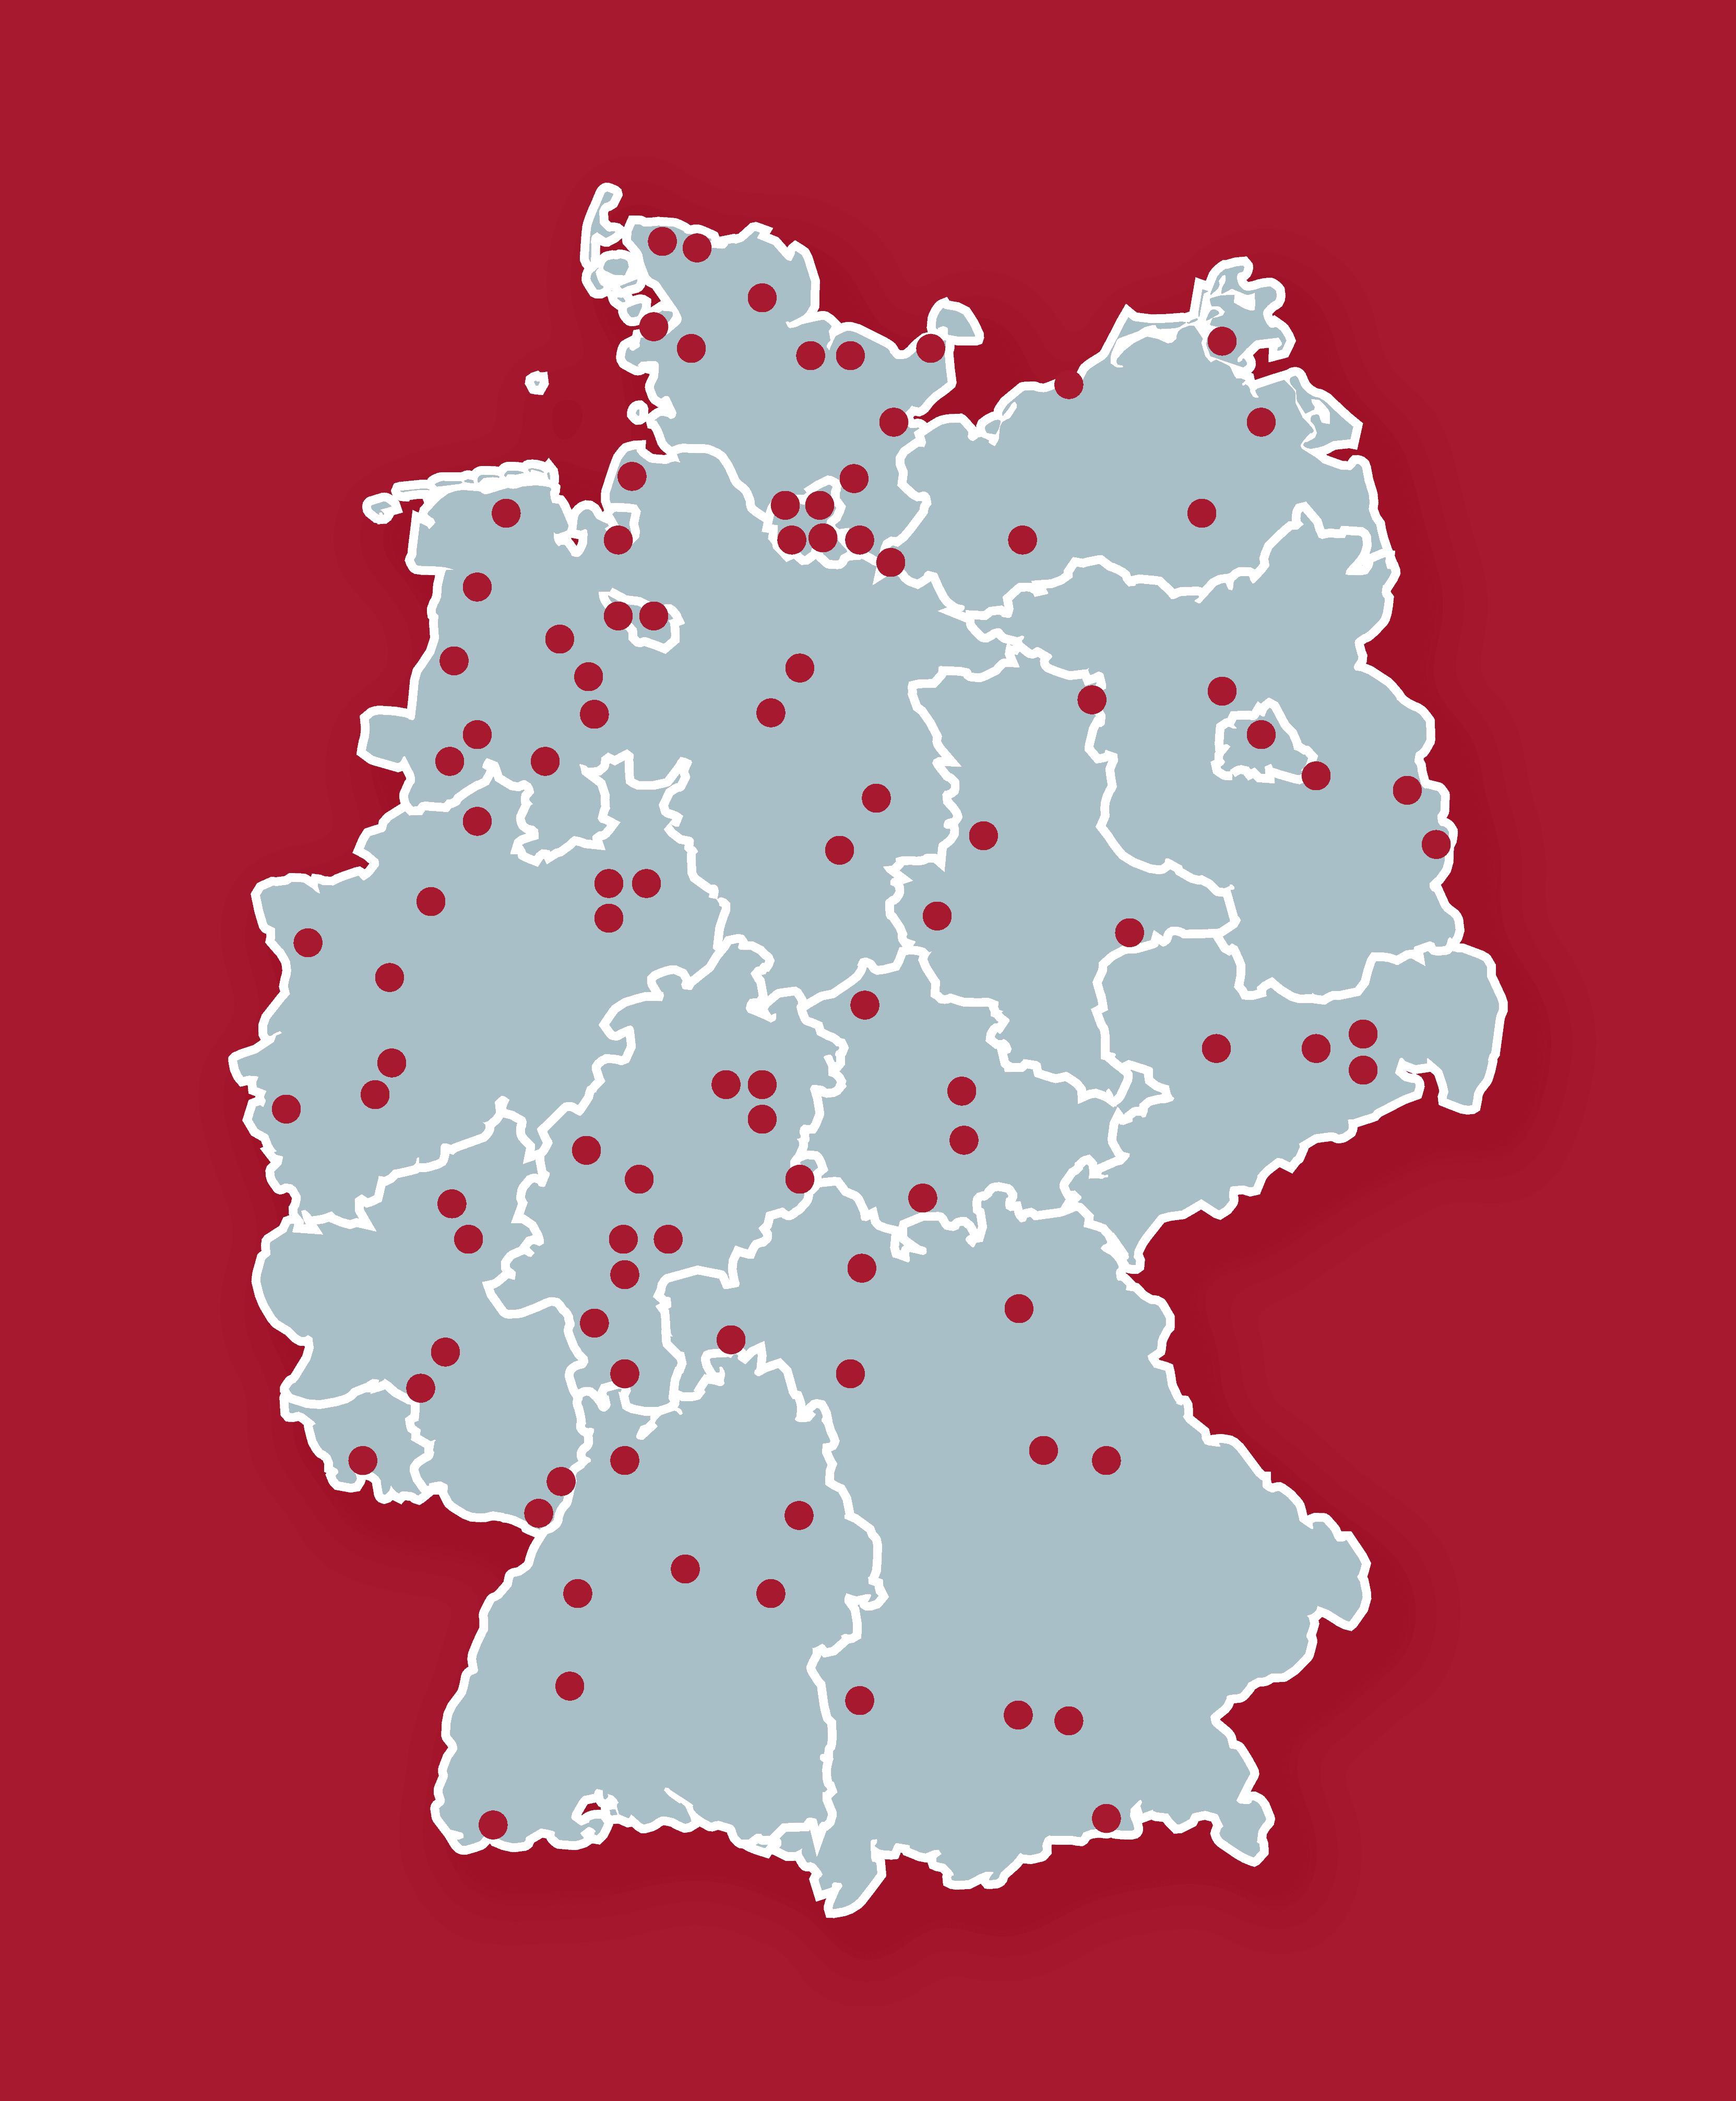 Deutschlandkarte mit Punkten